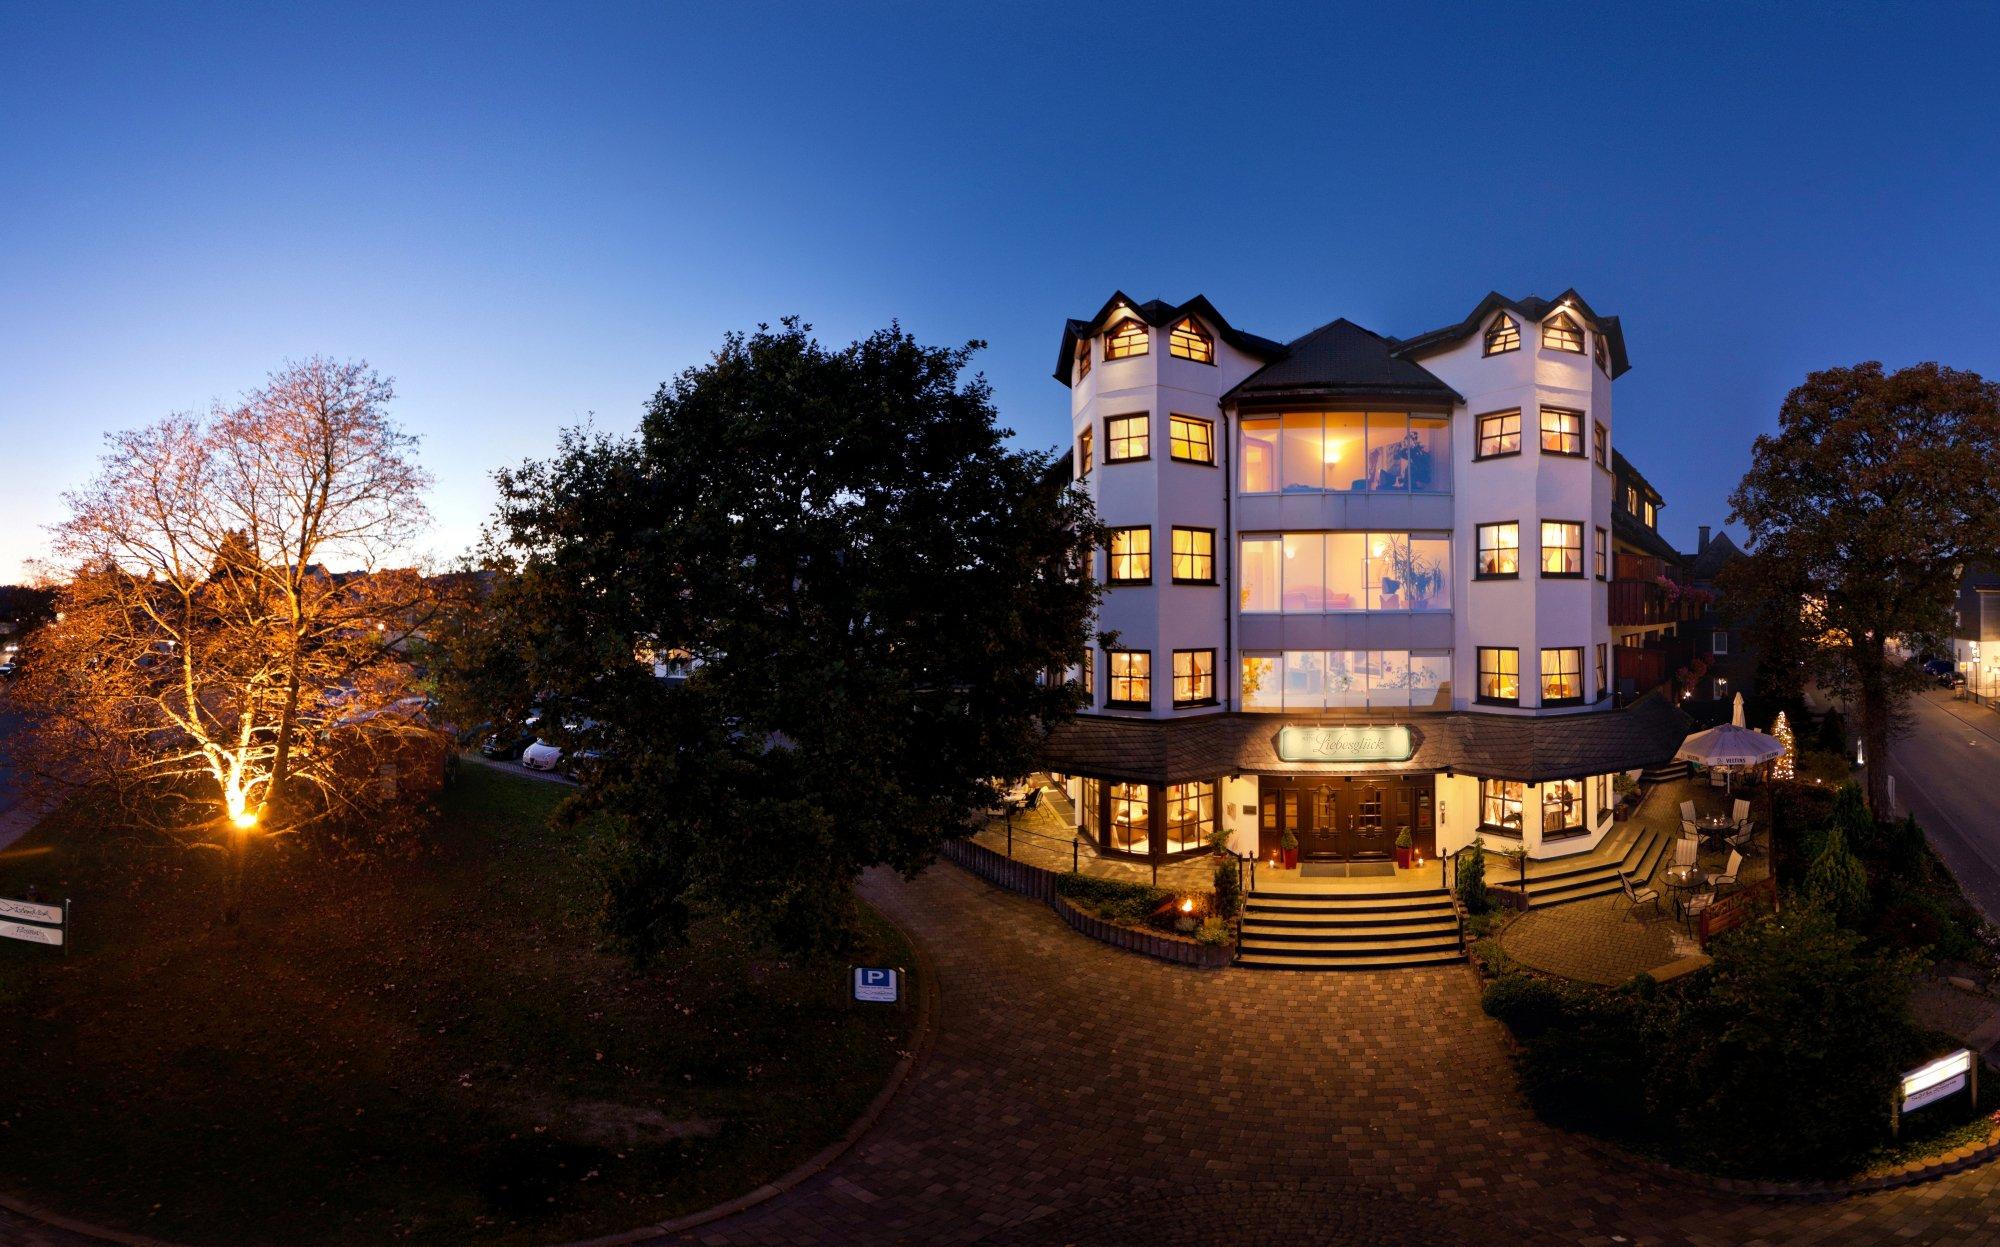 Hotel Liebesglueck